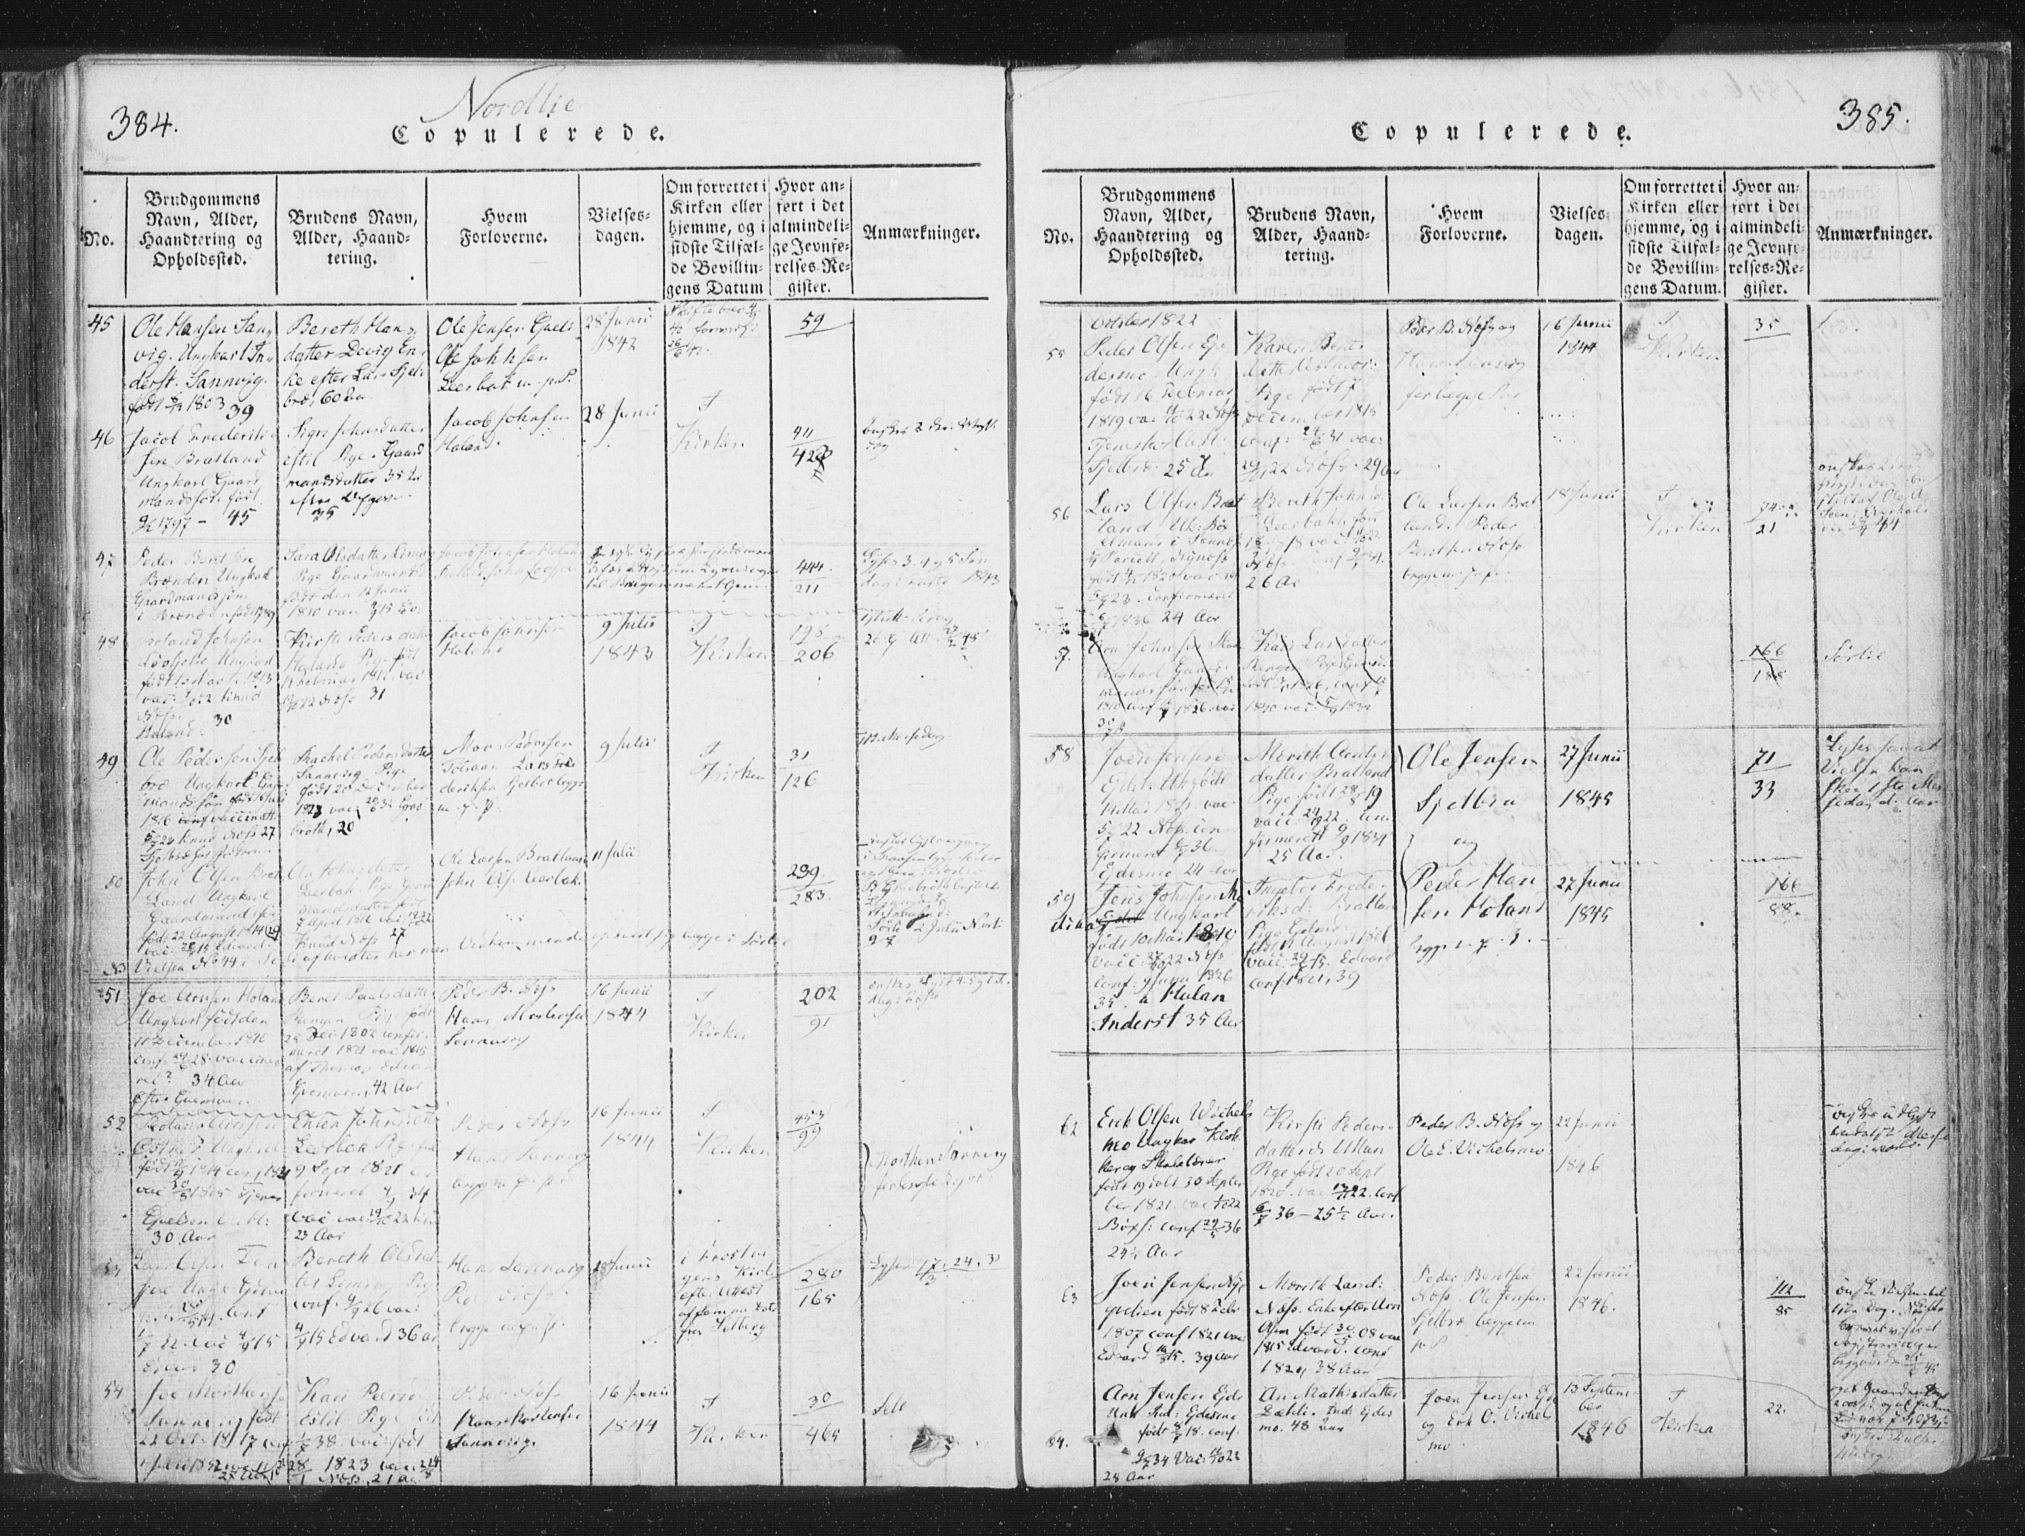 SAT, Ministerialprotokoller, klokkerbøker og fødselsregistre - Nord-Trøndelag, 755/L0491: Ministerialbok nr. 755A01 /1, 1817-1864, s. 384-385